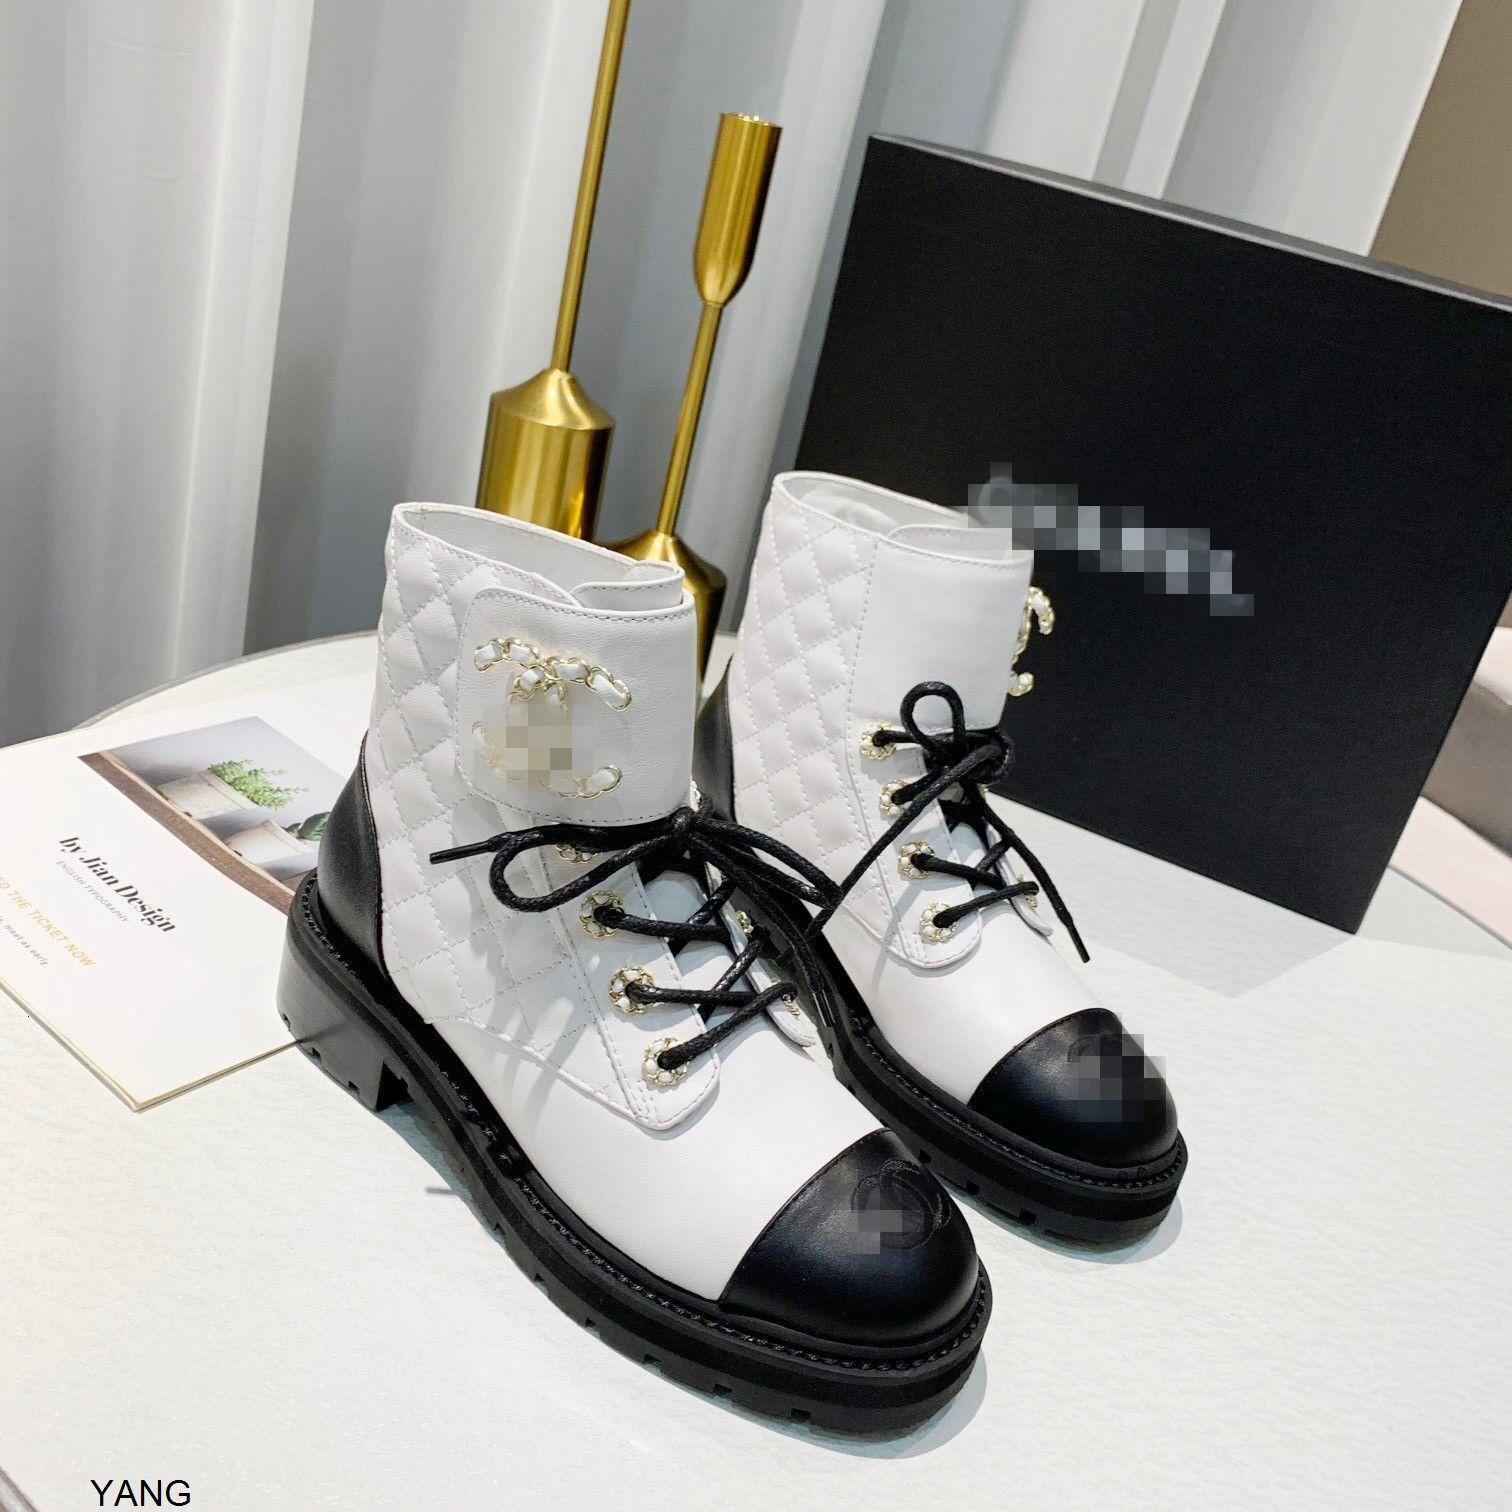 Bota do tornozelo Luxo Womens Designer Chunky Heel Sheepskin Botas de Luxo Designer Lace Up Martin Botas Ladys Moda Inverno Botas com Caixa